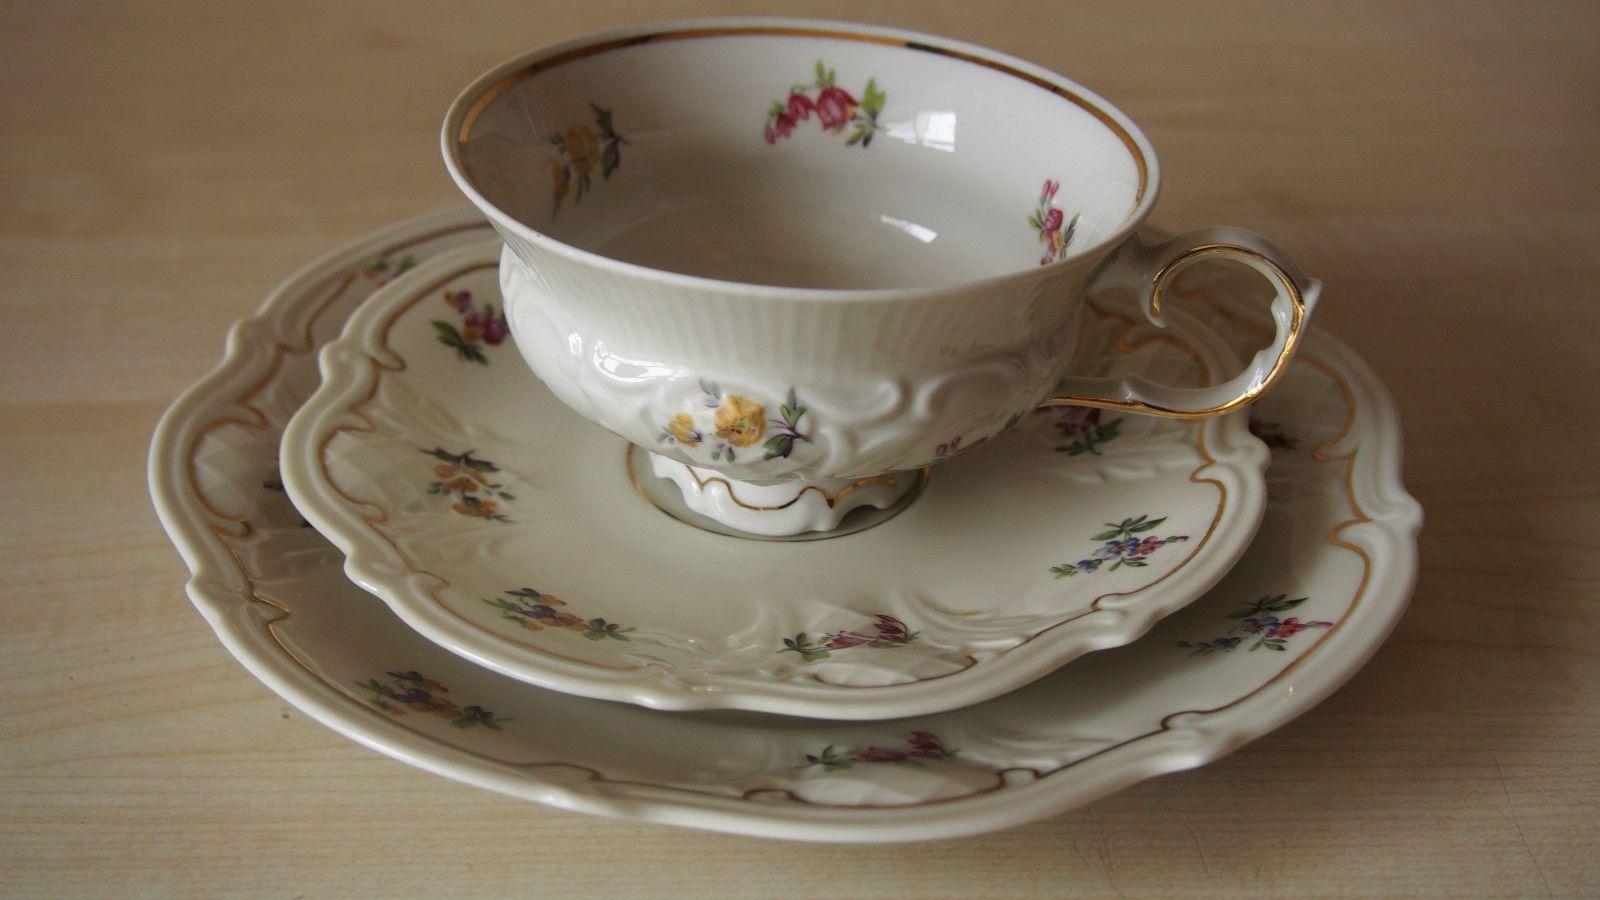 sehr sch ne alte sammeltasse sammelgedeck reichenbach porzellan sammelgedecke teacup trios. Black Bedroom Furniture Sets. Home Design Ideas